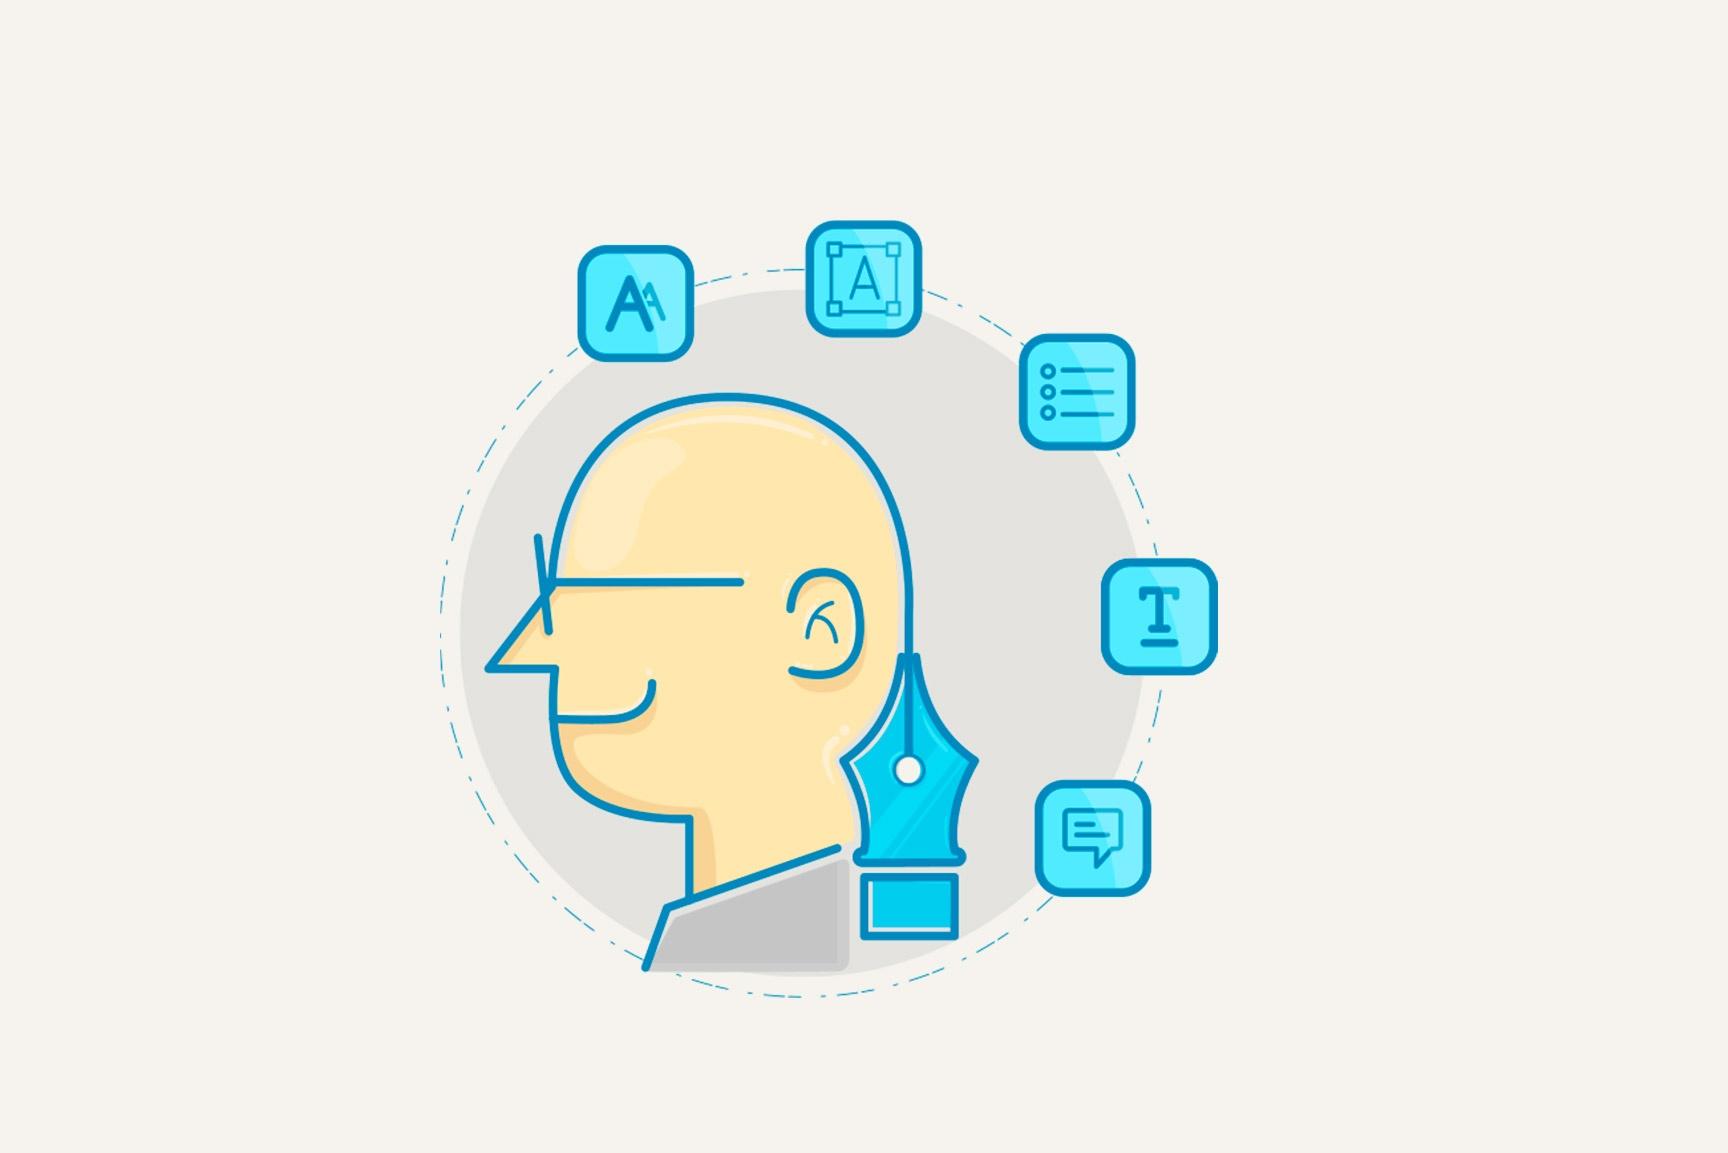 5 consejos prácticos para redactar contenidos digitales